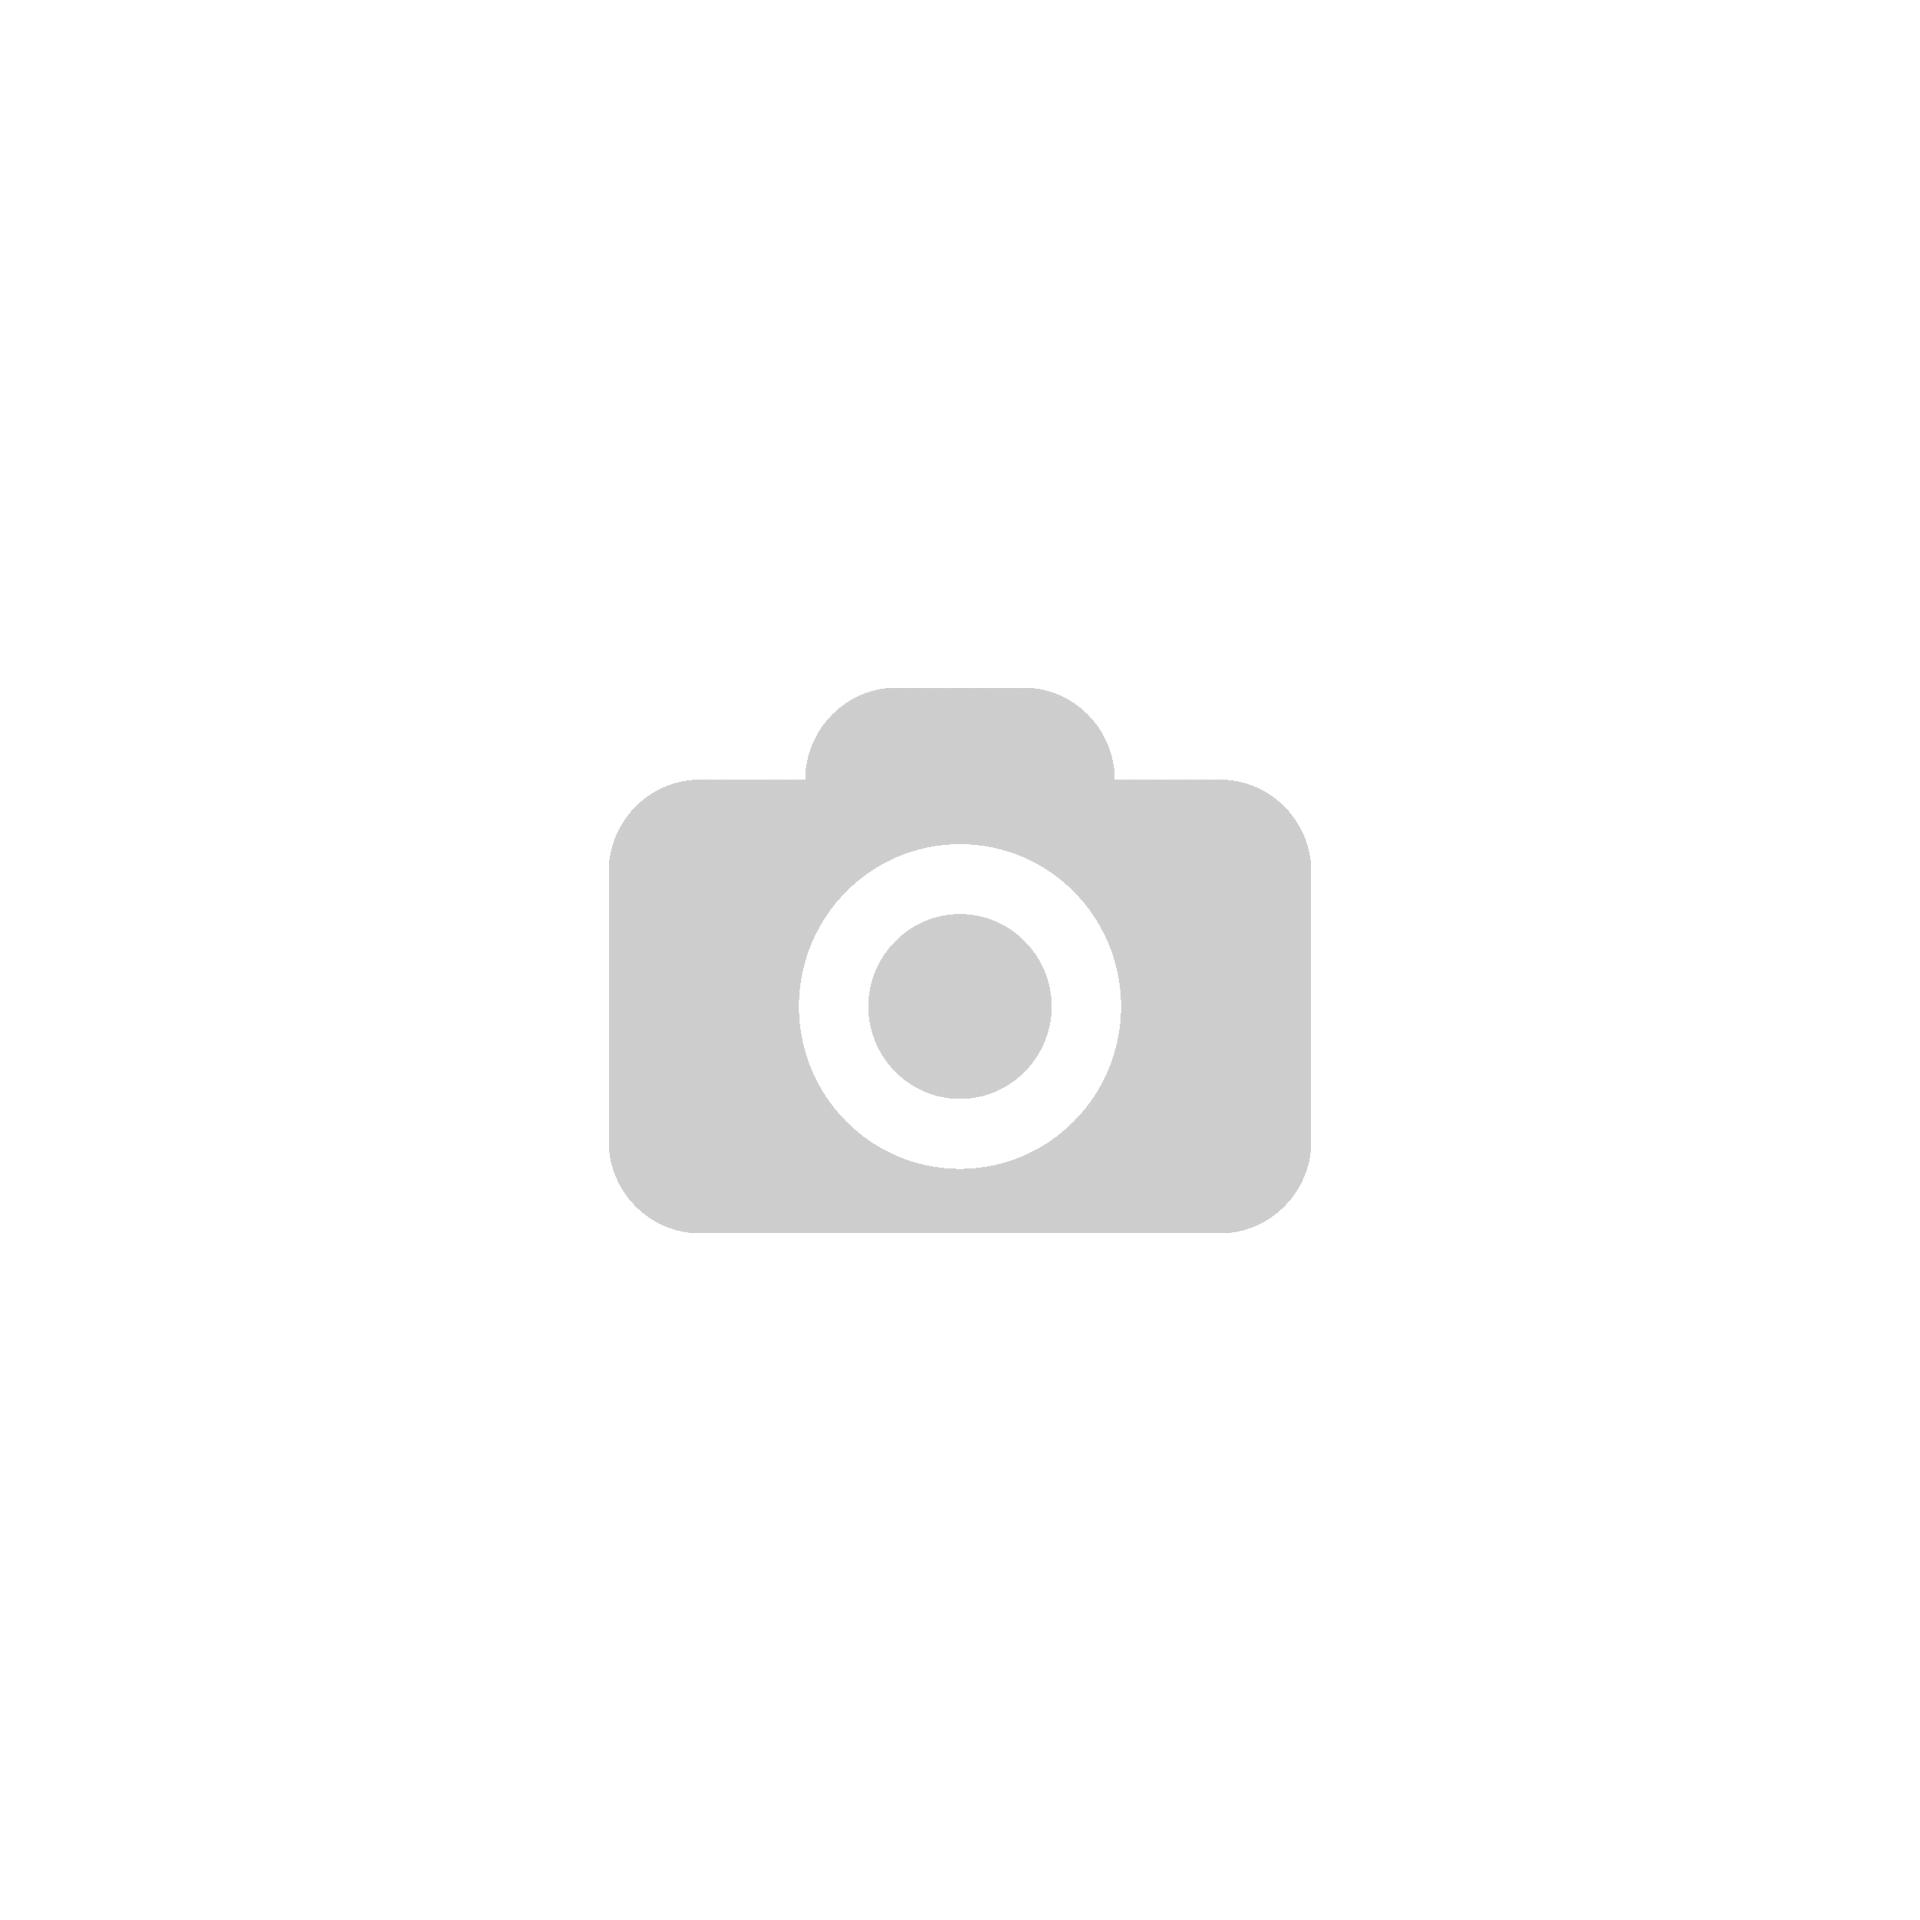 CJ102DZ2XL akkus fűthető kabát (akku és töltő nélkül) termék fő termékképe.  Egységár (darab)  2355f43c8a